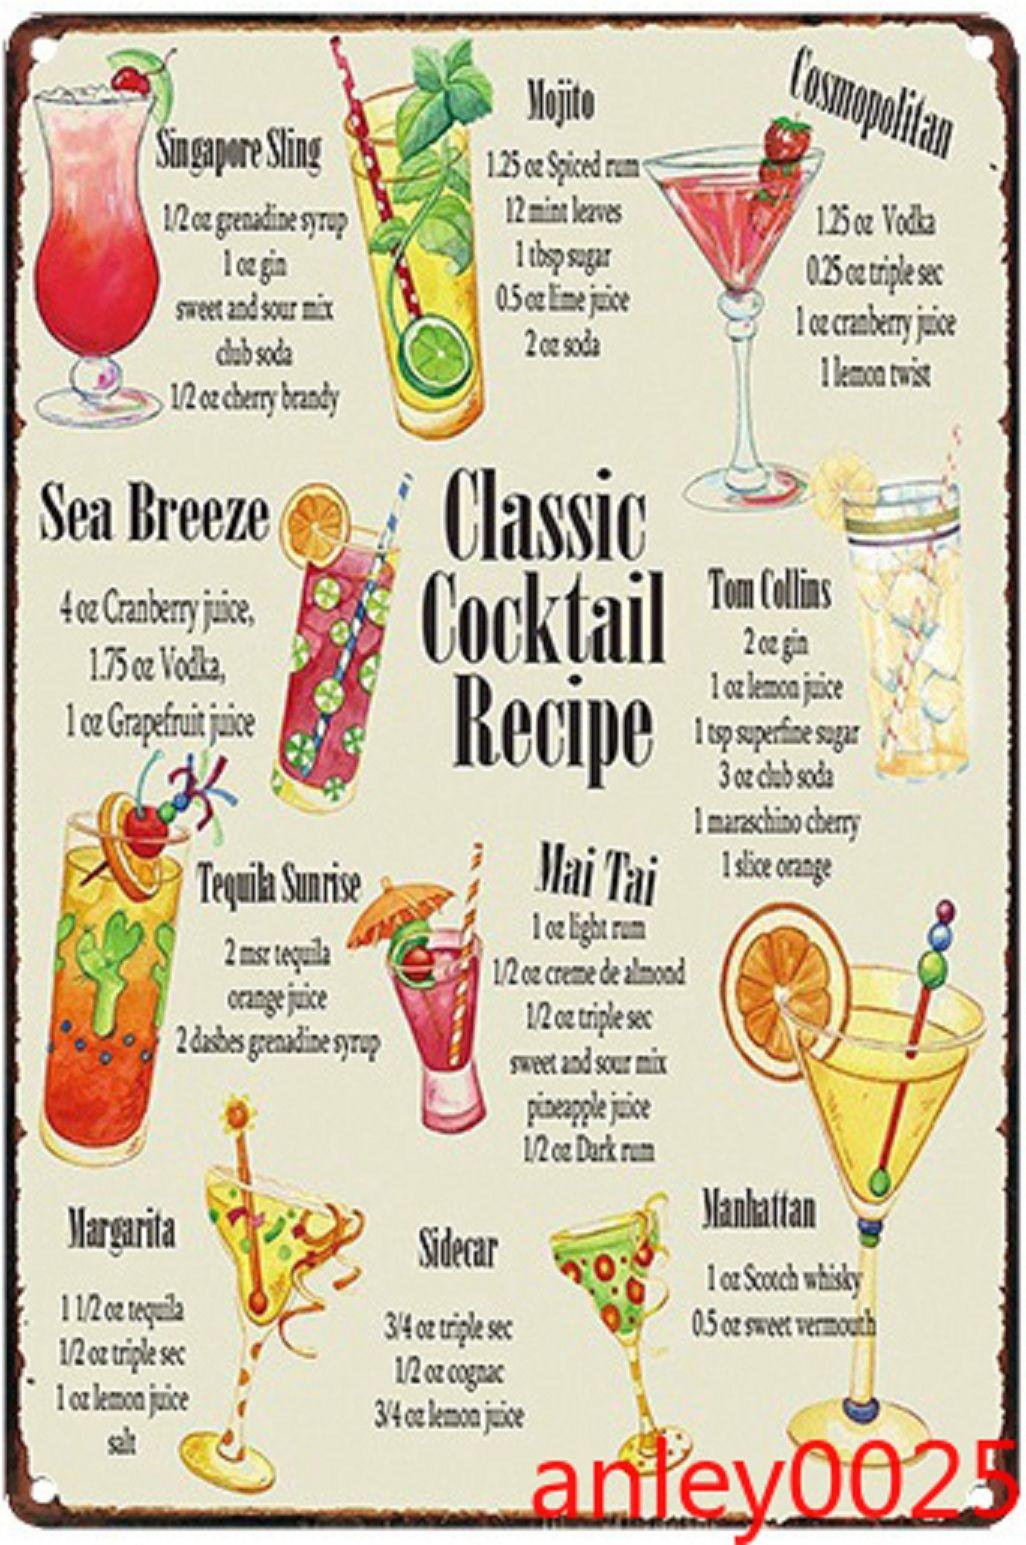 Classico cocktail ricetta vintage metallo stagno segni bar pub decorazione della parete domestica decorazione della parete di ferro pittura retrò placca arte manifesto